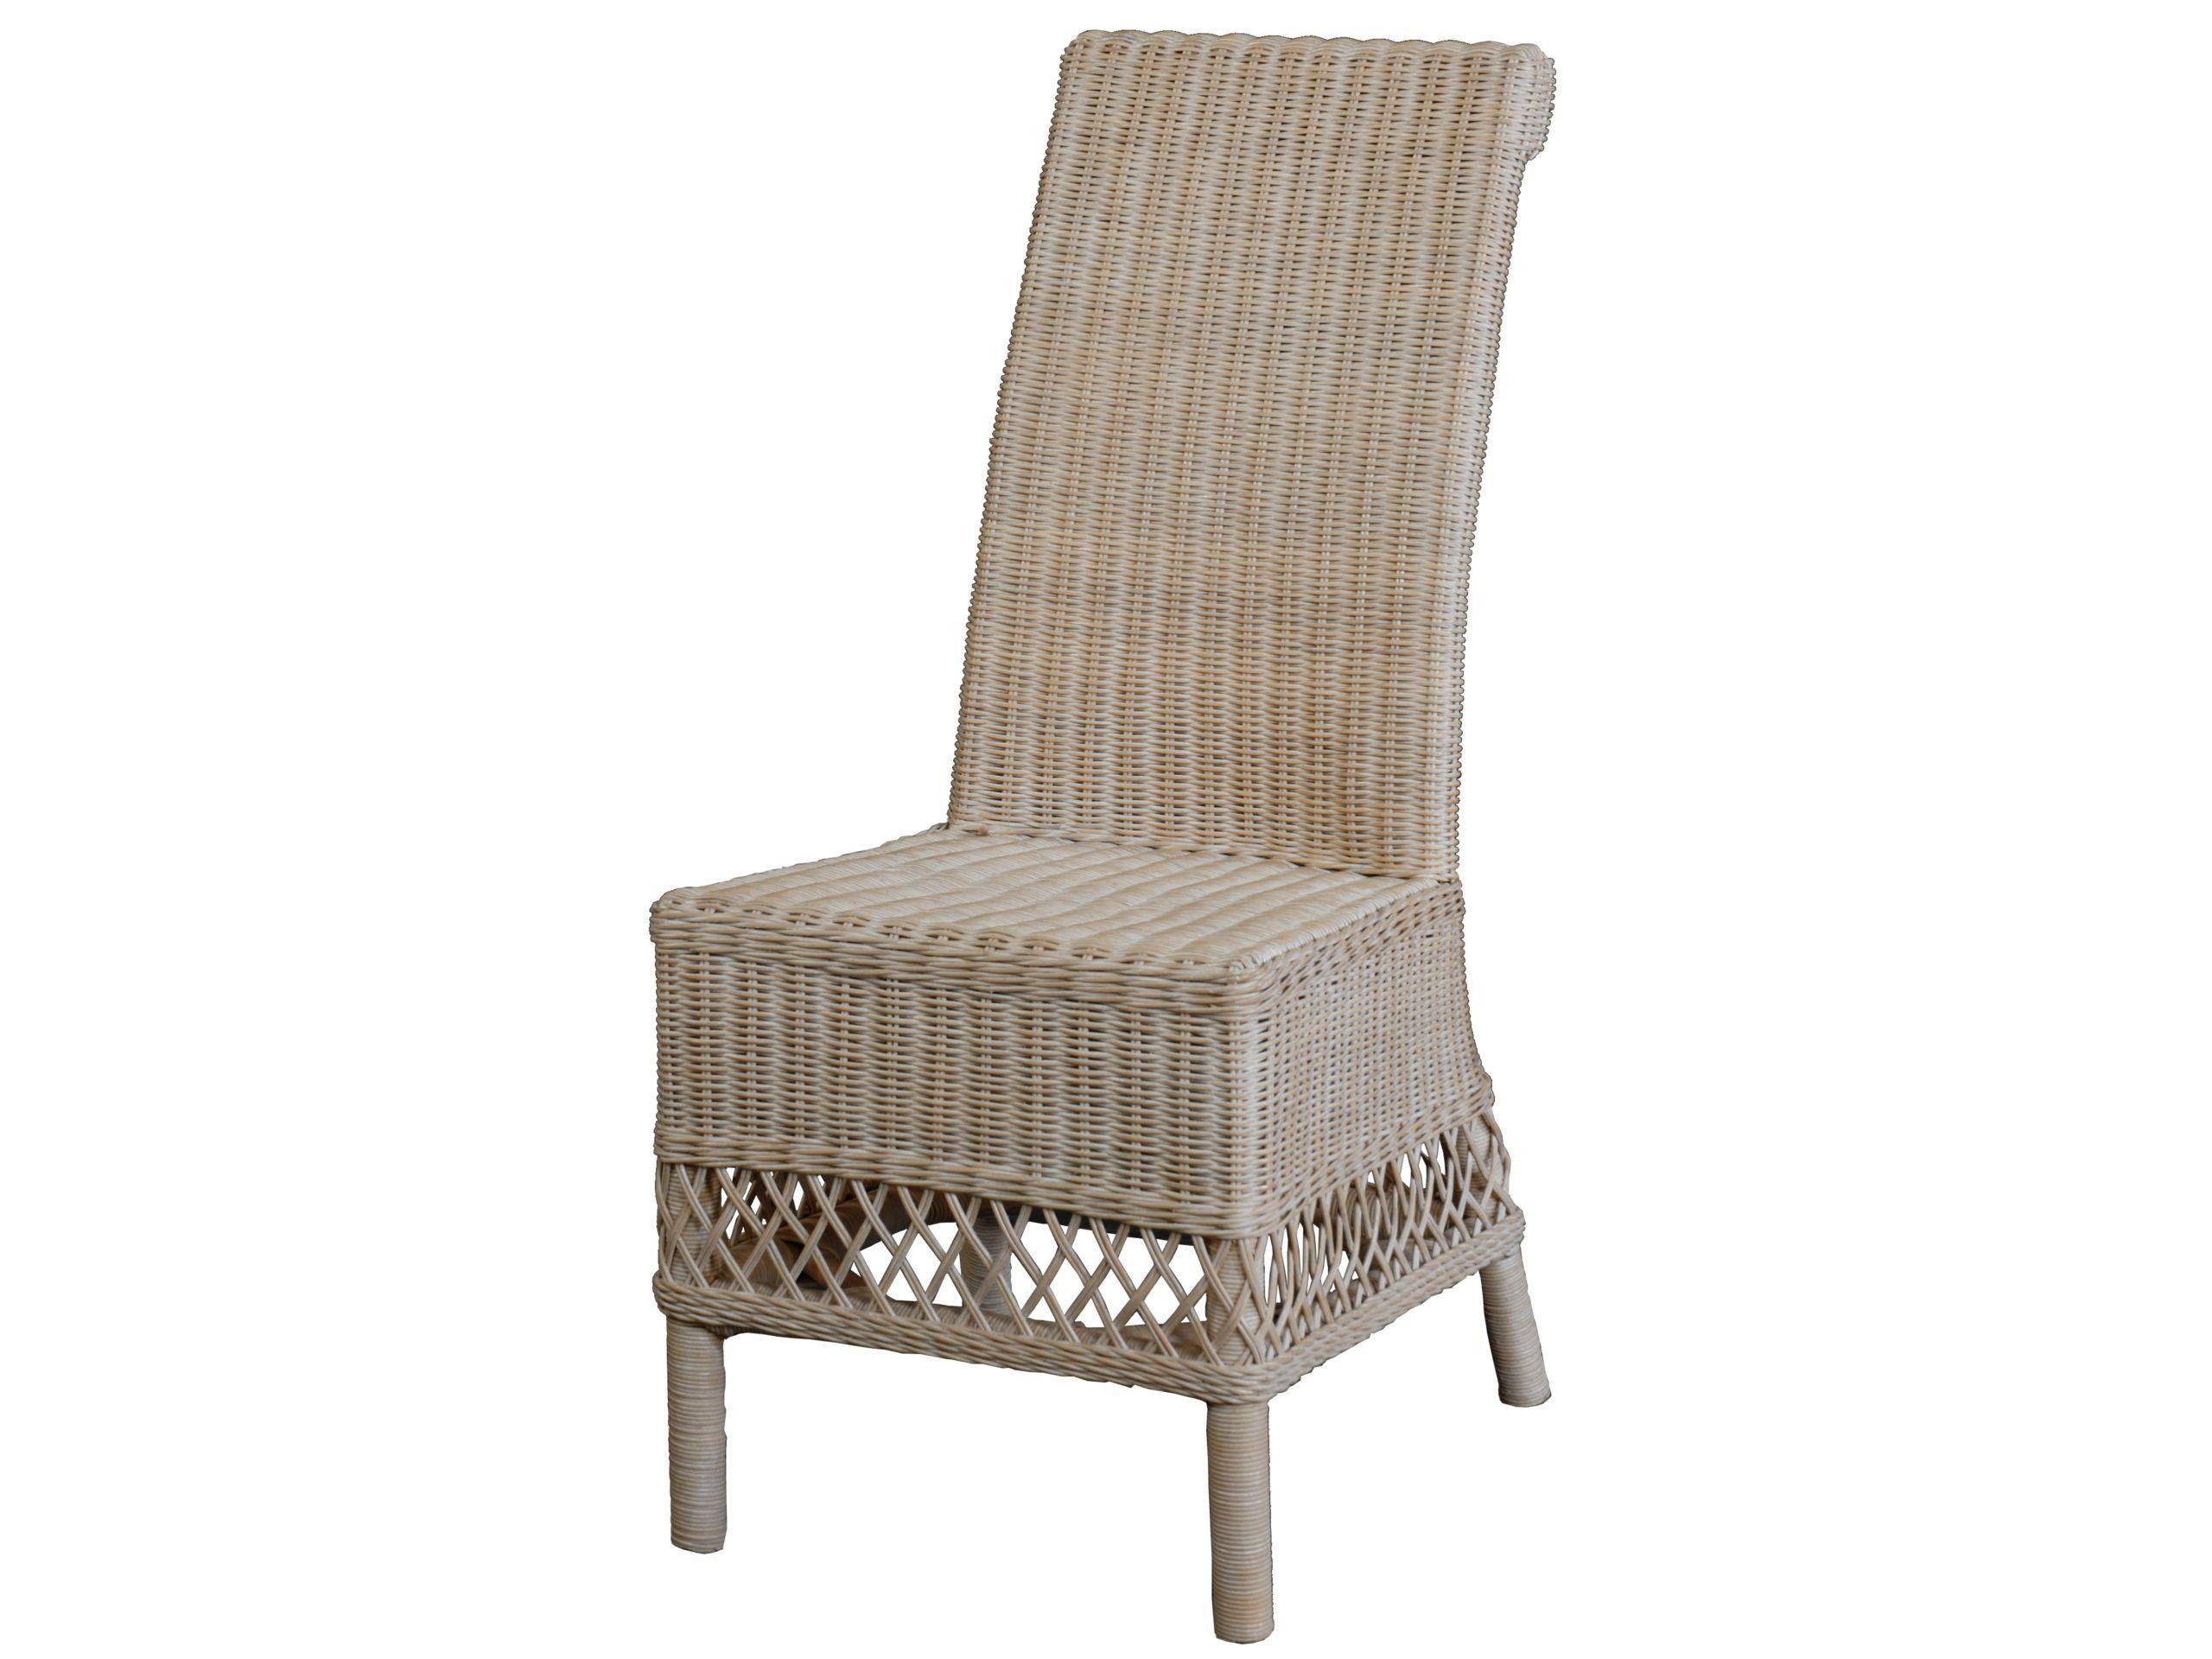 Esszimmerstuhl Rattan Weis ~ Esszimmerstuhl luis vintage weiss esszimmerstühle aus rattan und